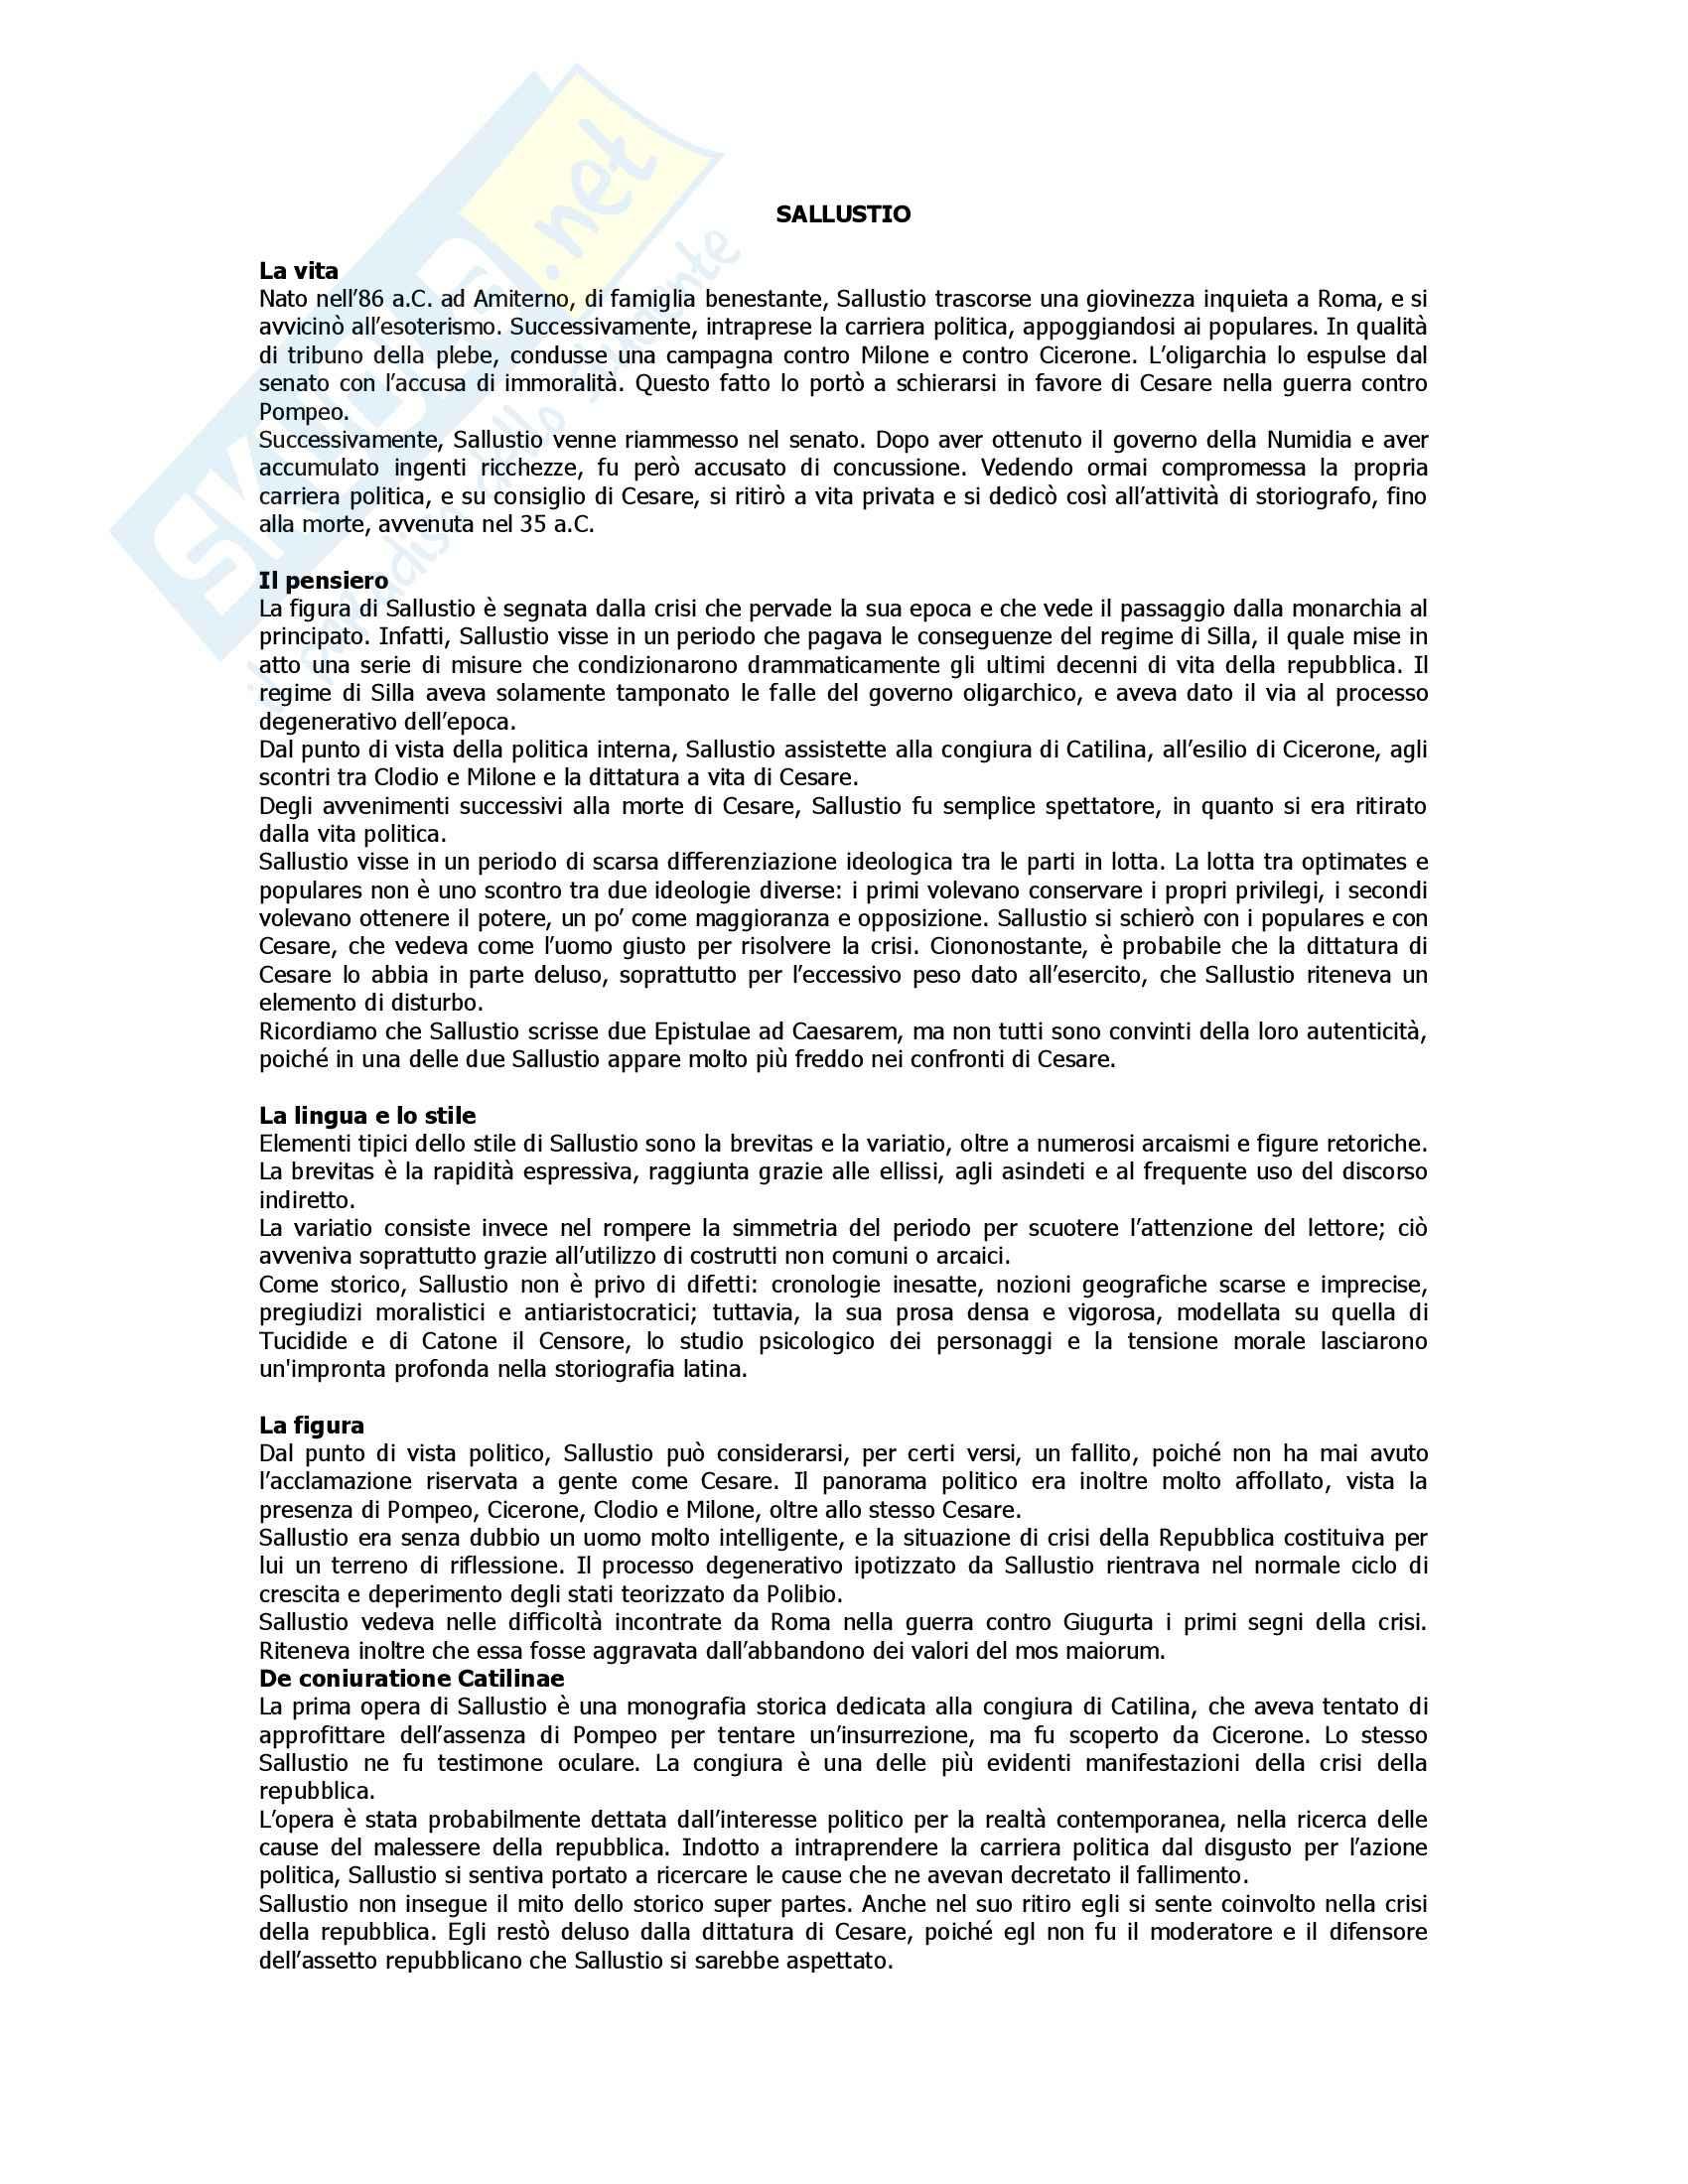 Letteratura latina - Sallustio - Appunti